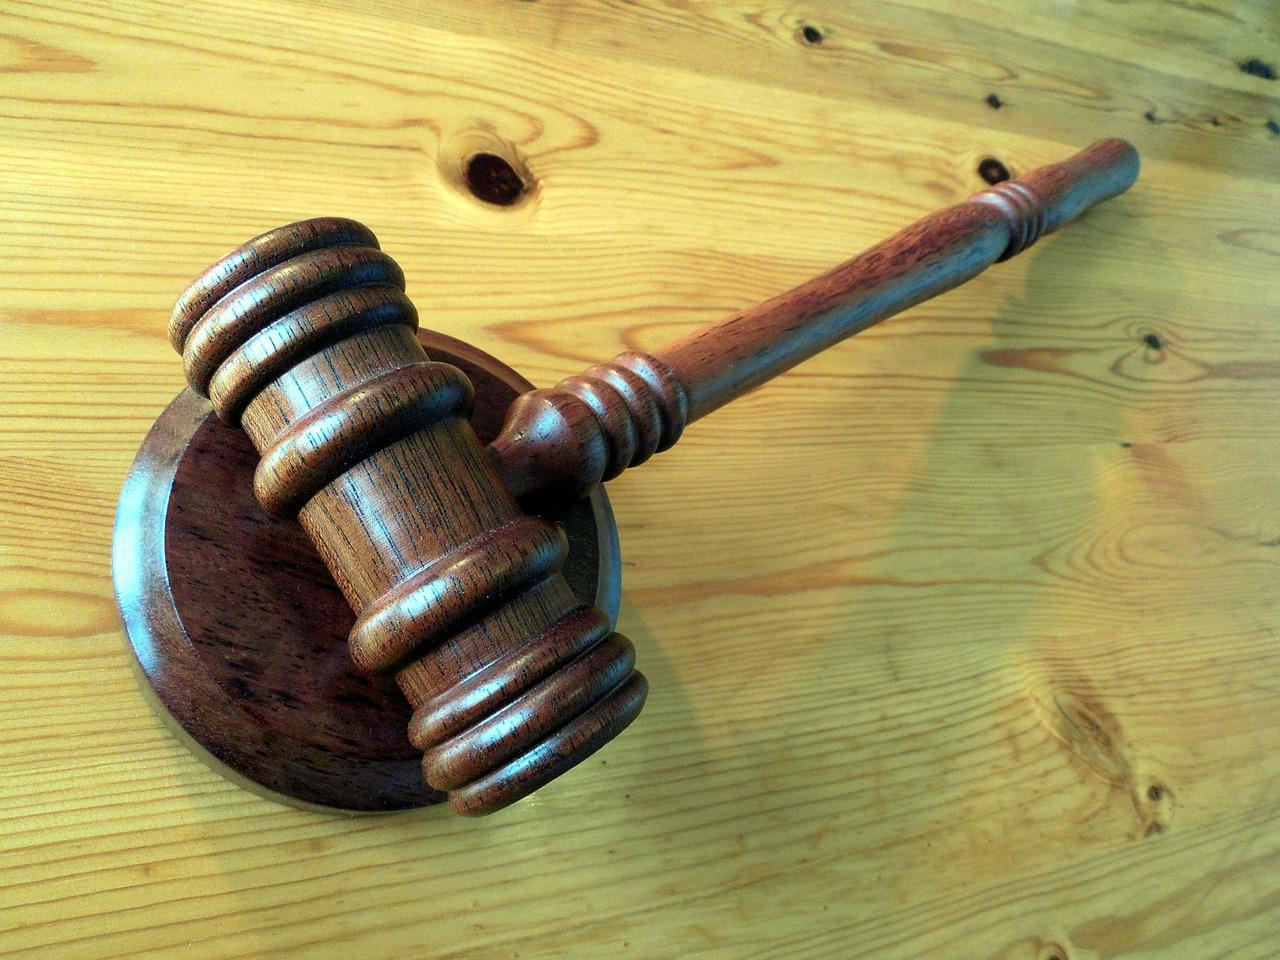 Das Kölner Landgericht hat im Missbrauchsprozess gegen Pfarrer U. aus dem Erzbistum Köln 20 Verhandlungstermine angesetzt.